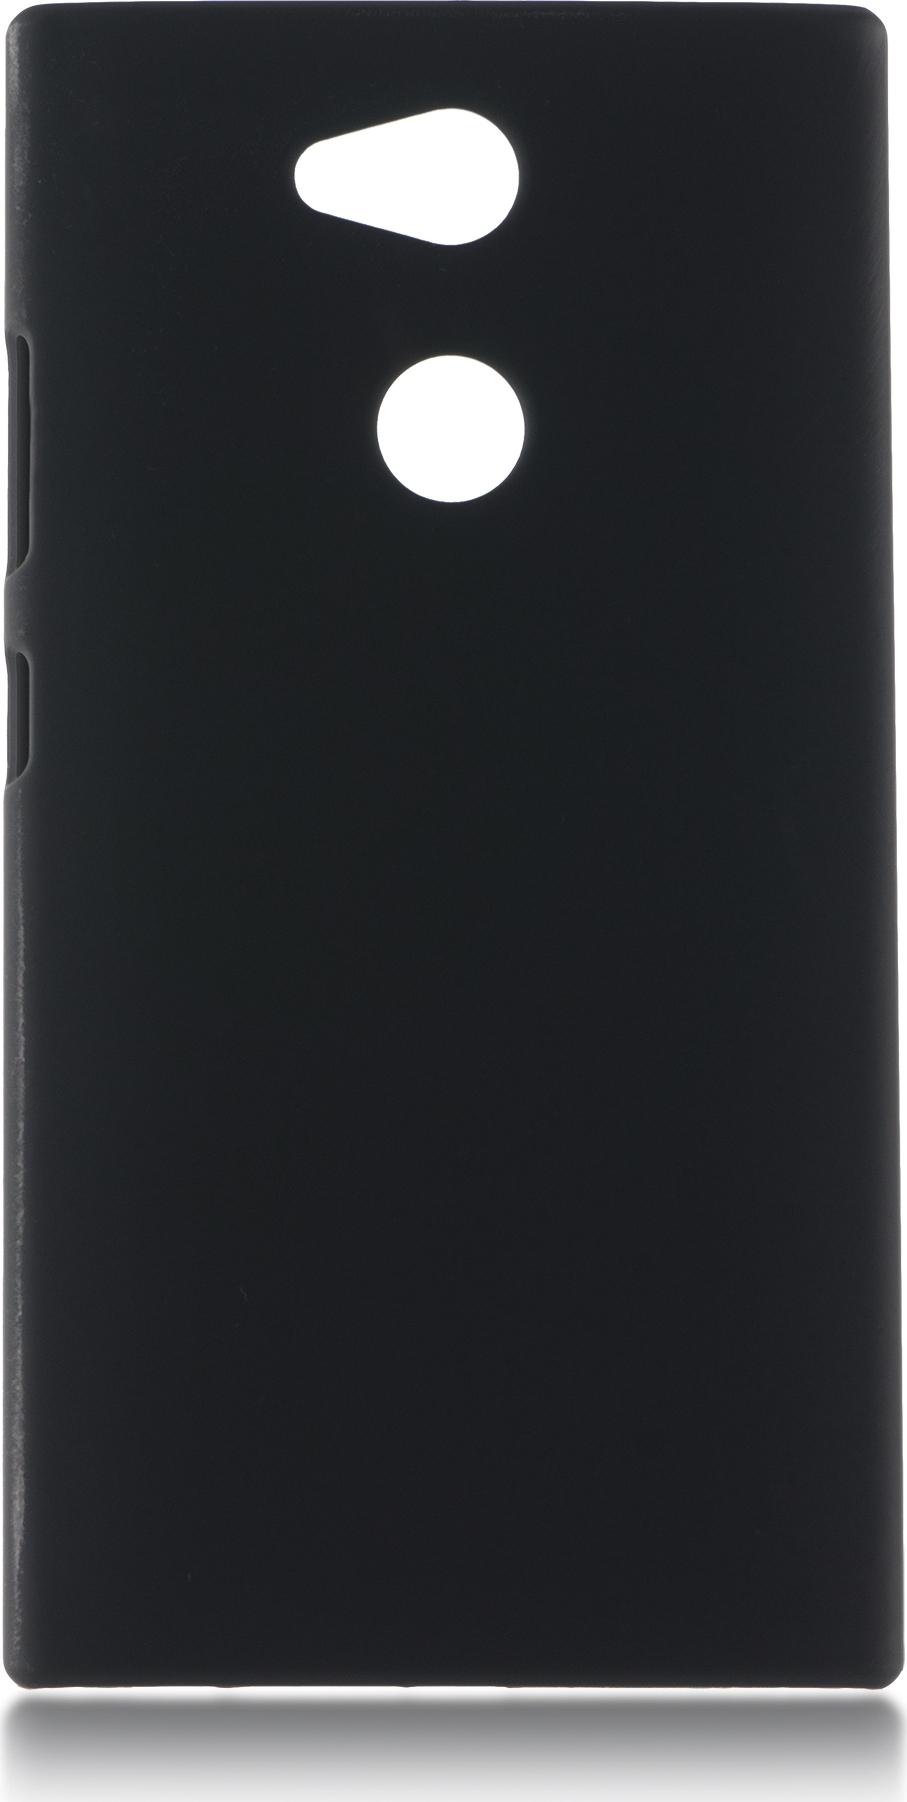 Чехол Brosco Soft-Touch для Sony Xperia L2, черный чехол для sony i4213 xperia 10 plus brosco силиконовая накладка черный